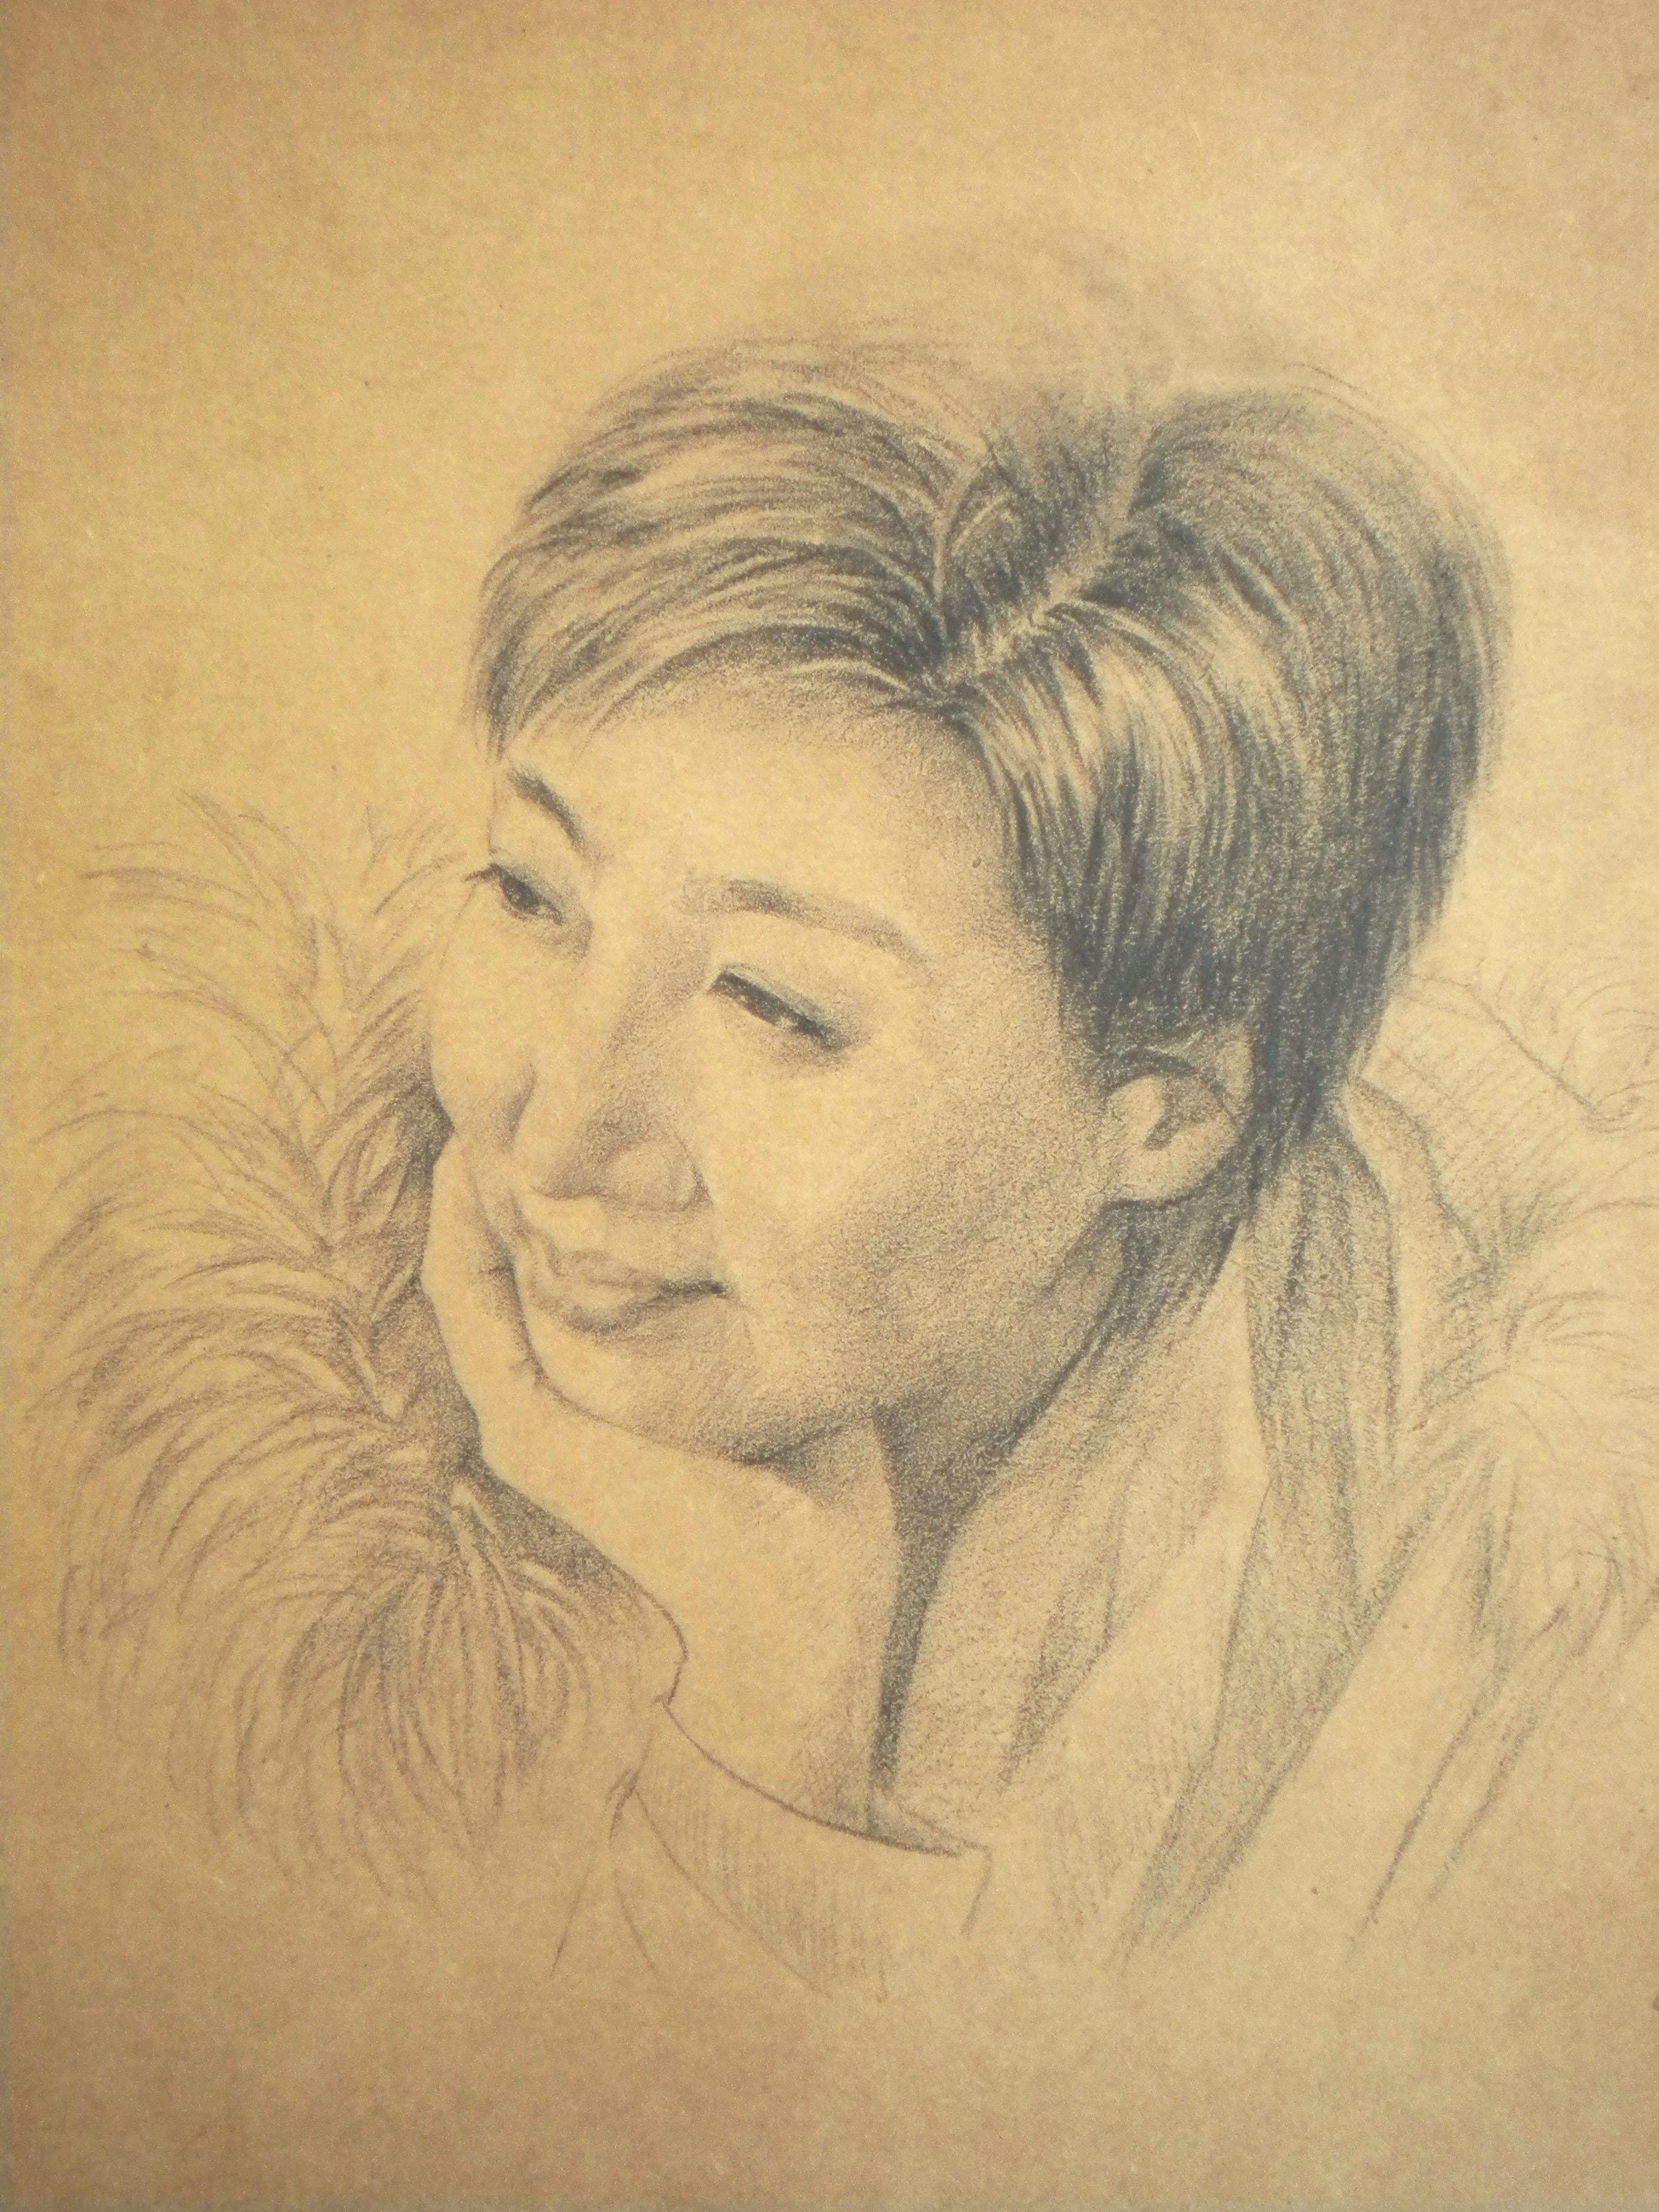 超写实素描肖像画彩铅手绘人物